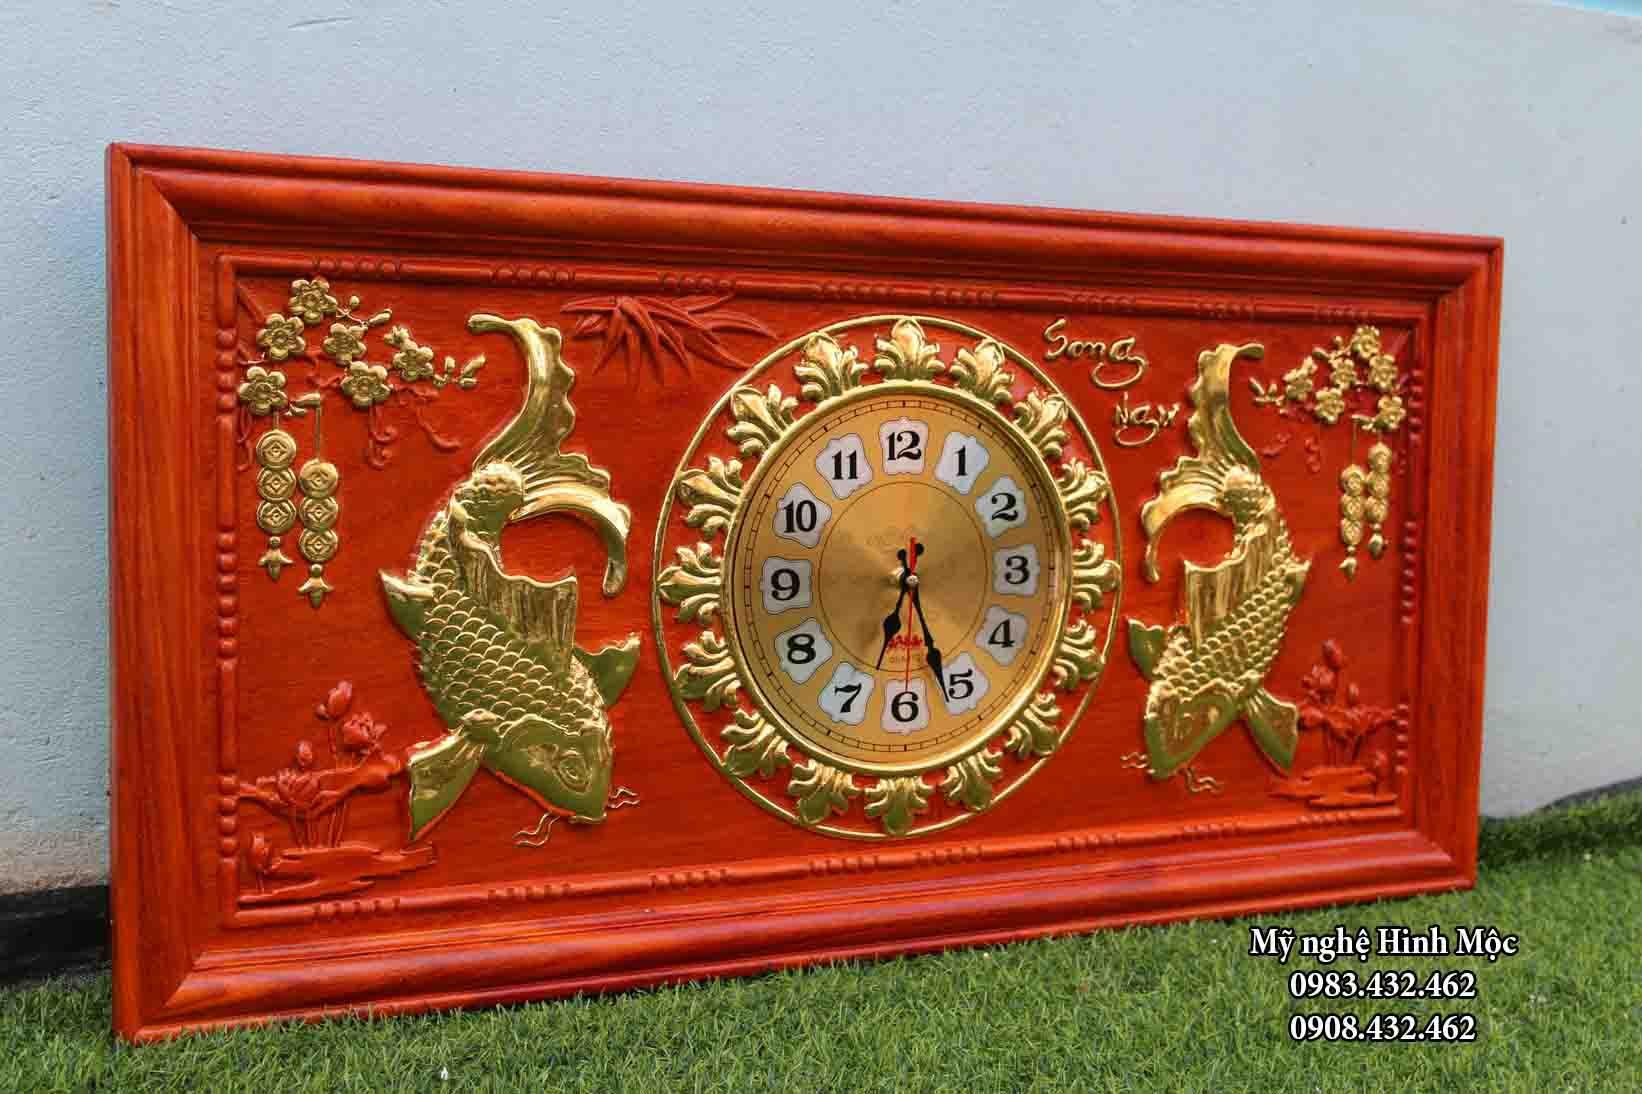 Đồng hồ tranh gỗ cá chép song ngư